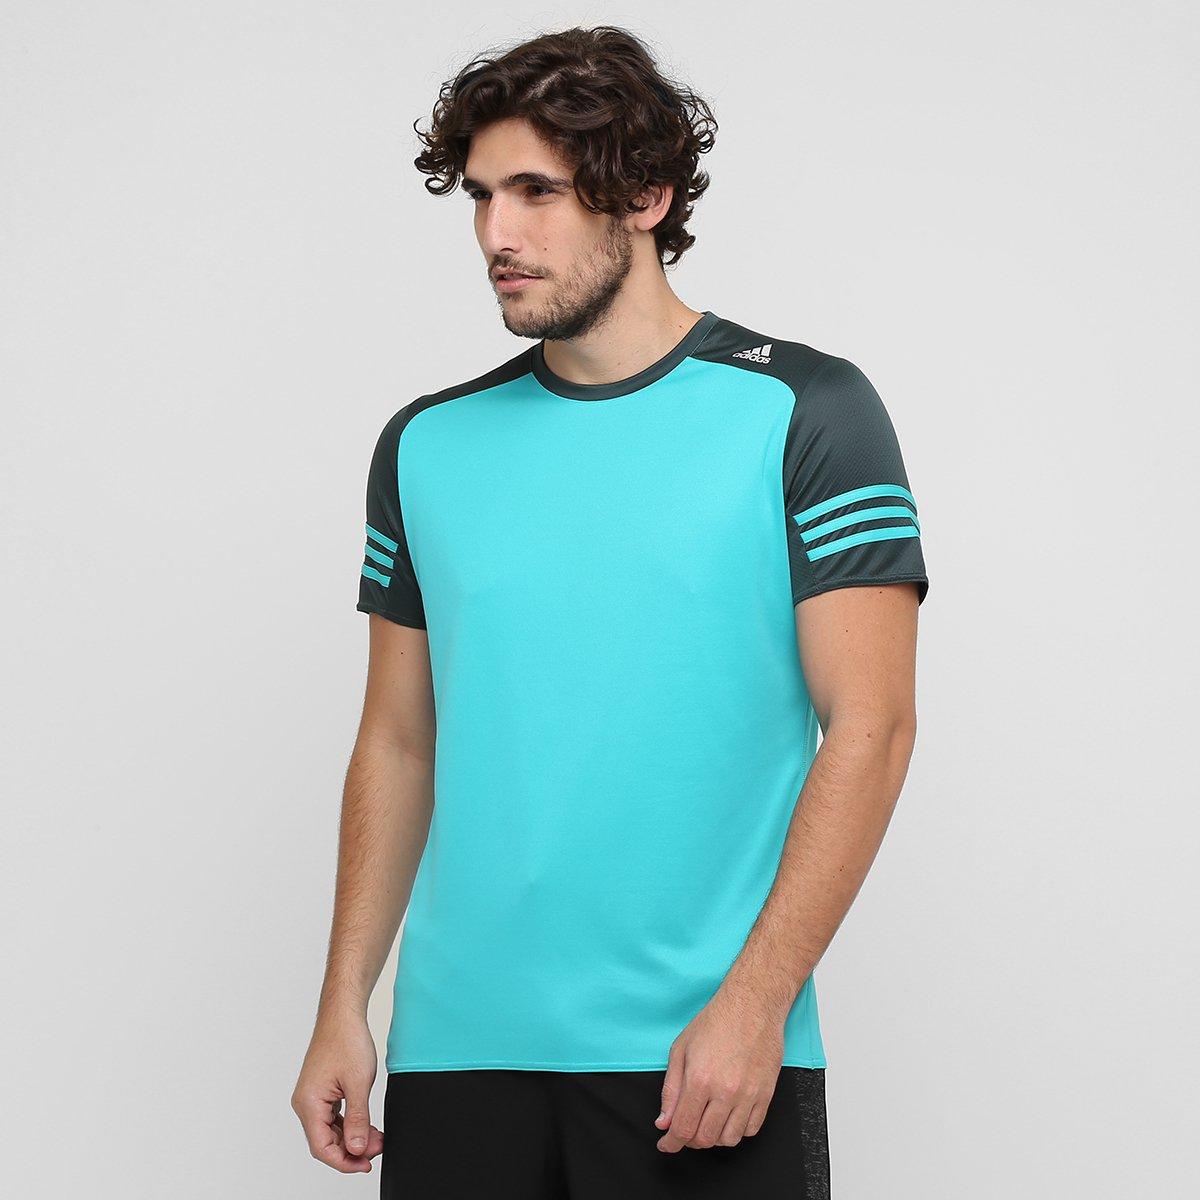 830460f21998a Camiseta Adidas Response - Compre Agora